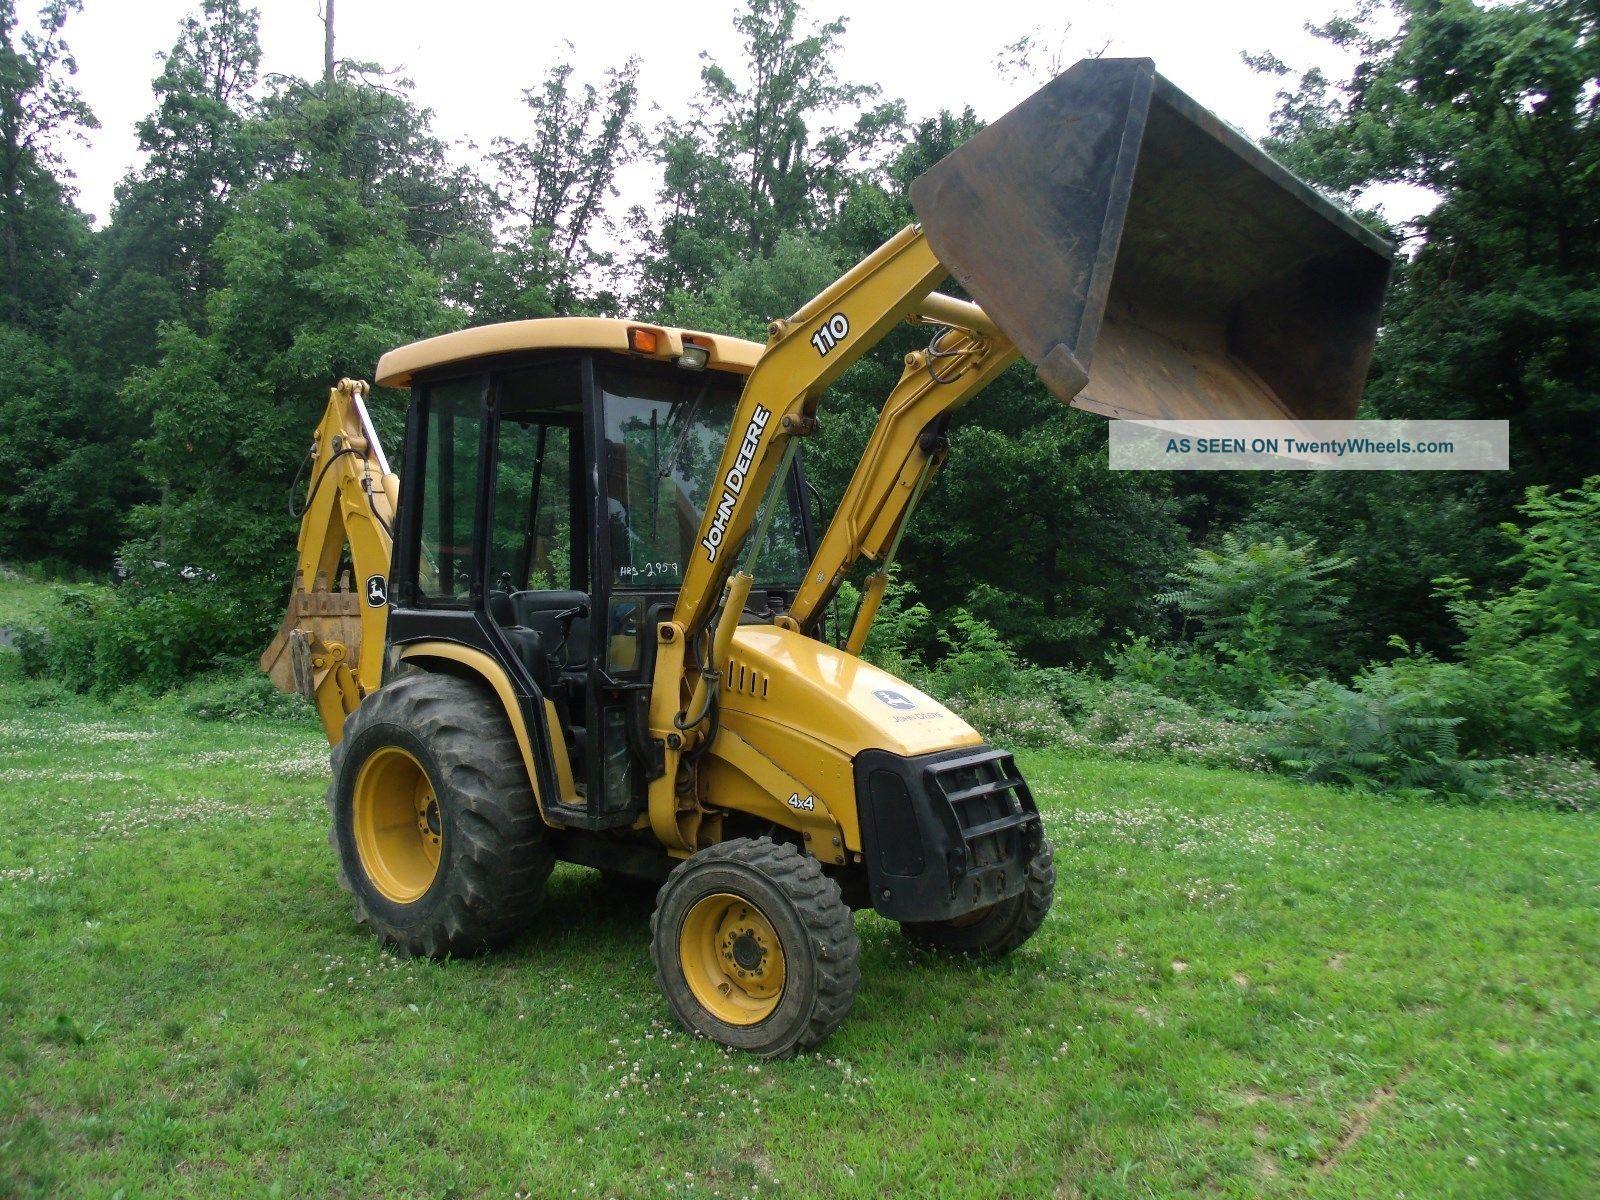 Tractor Loader Backhoe : John deere loader tractor backhoe full cab diesel